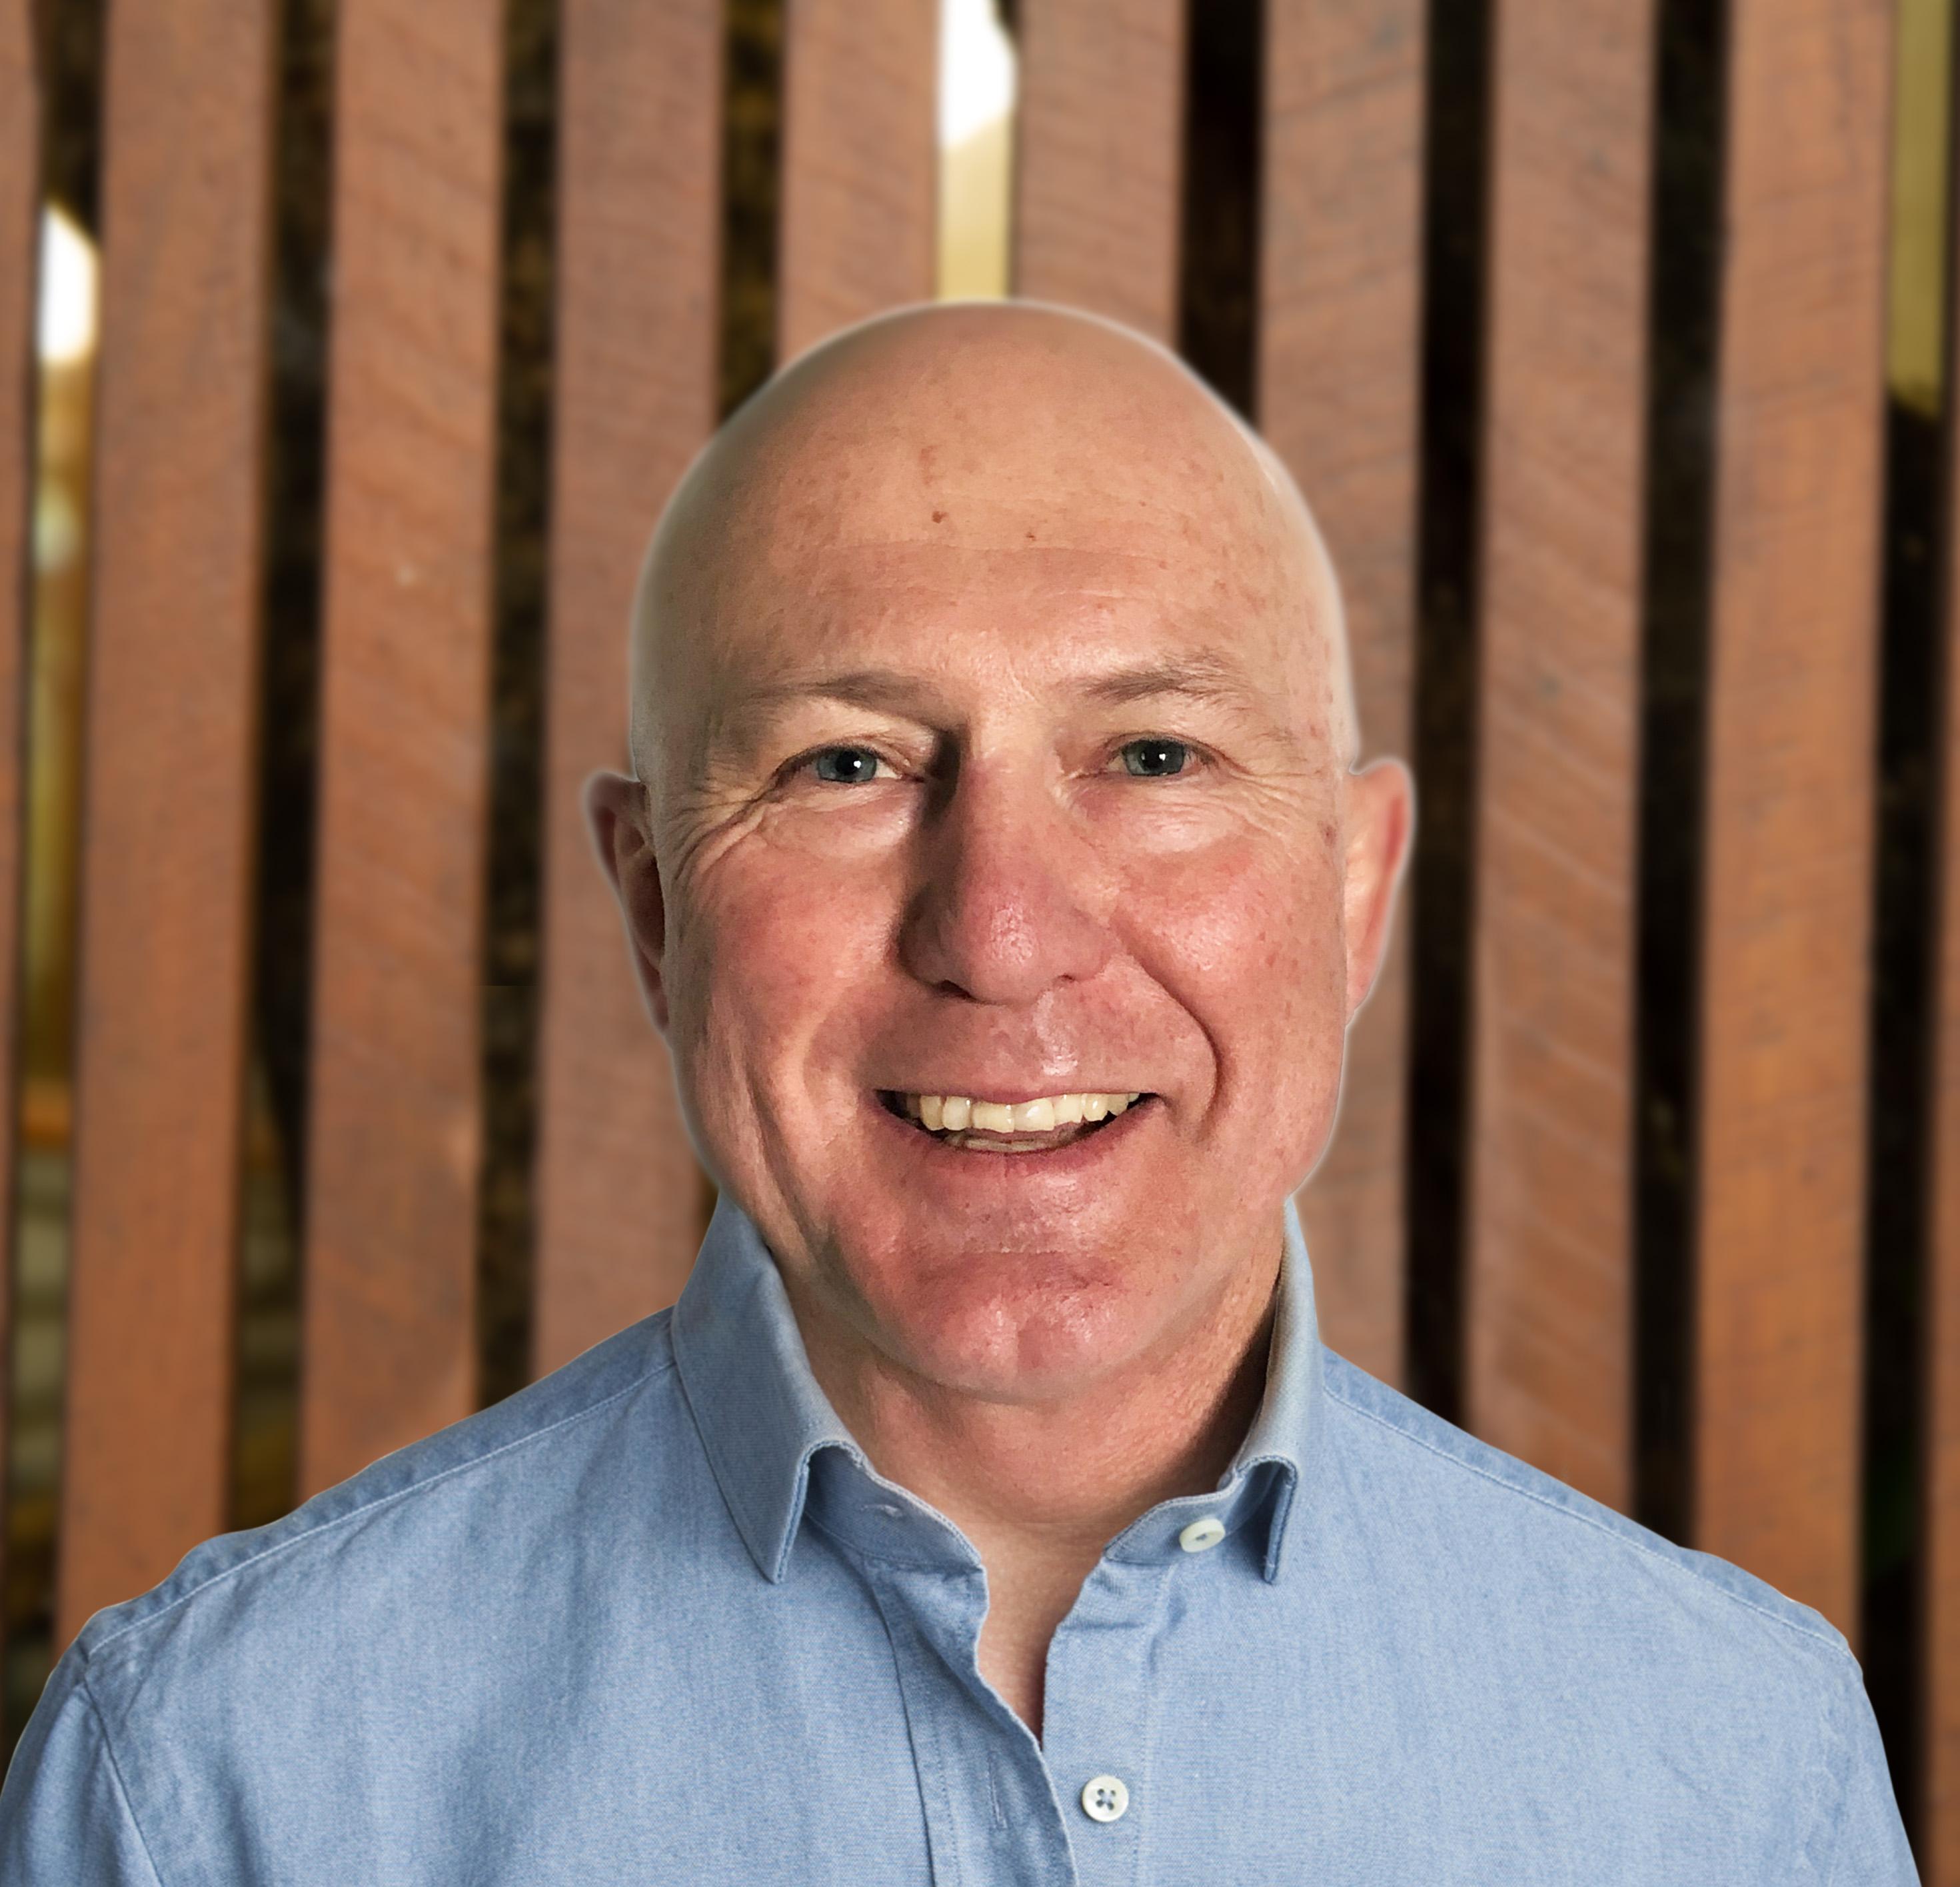 Craig Buller